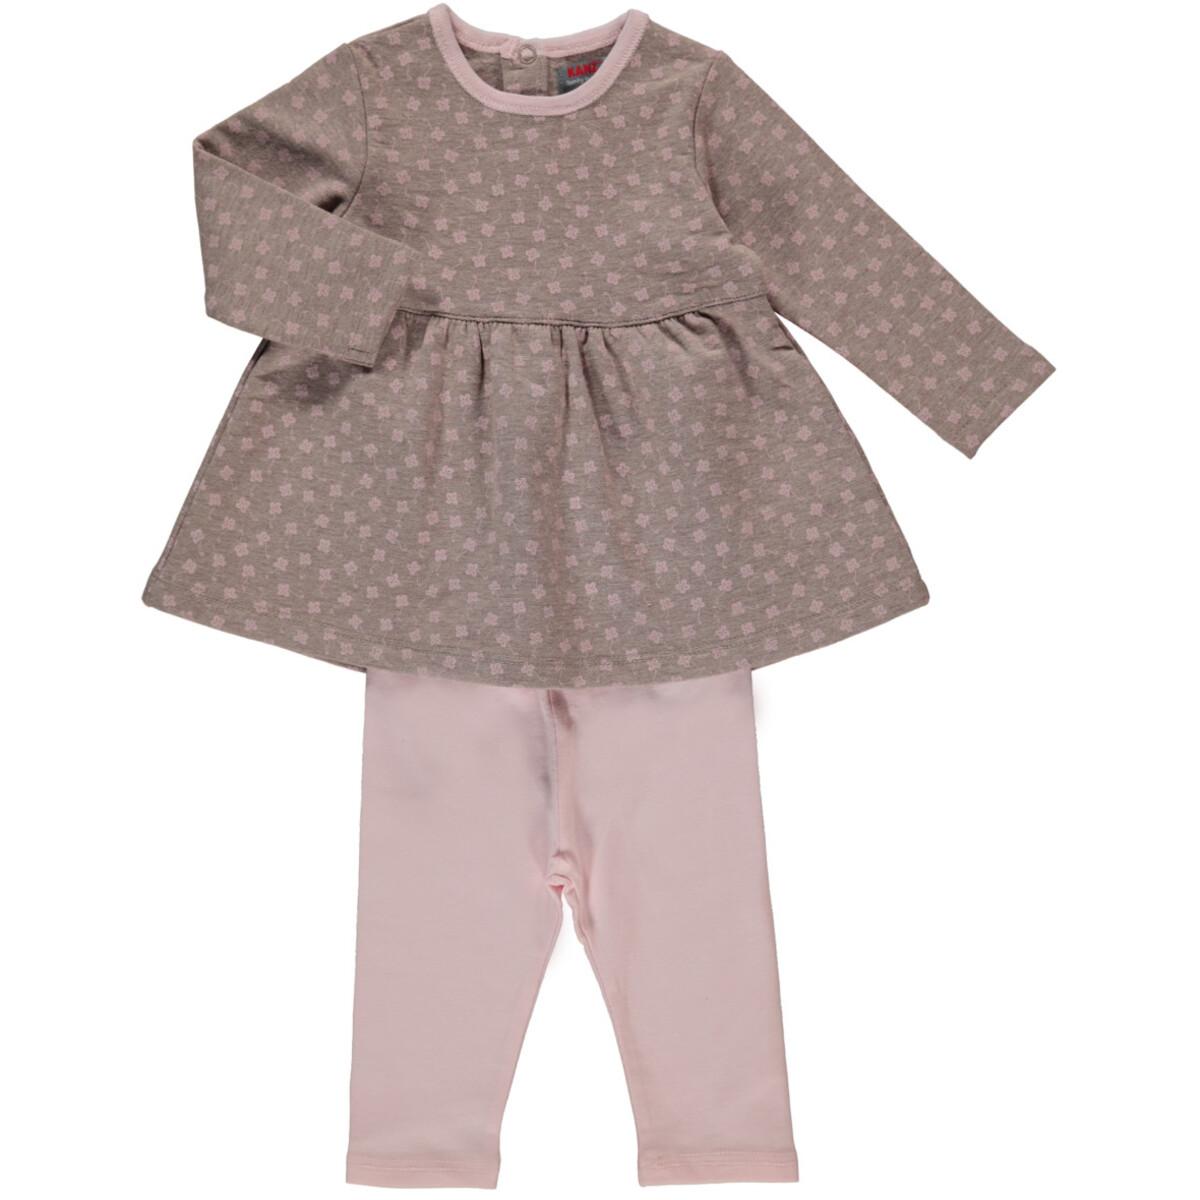 Bild 1 von Baby Mädchen 2er Set, bestehend aus Kleid und Leggings